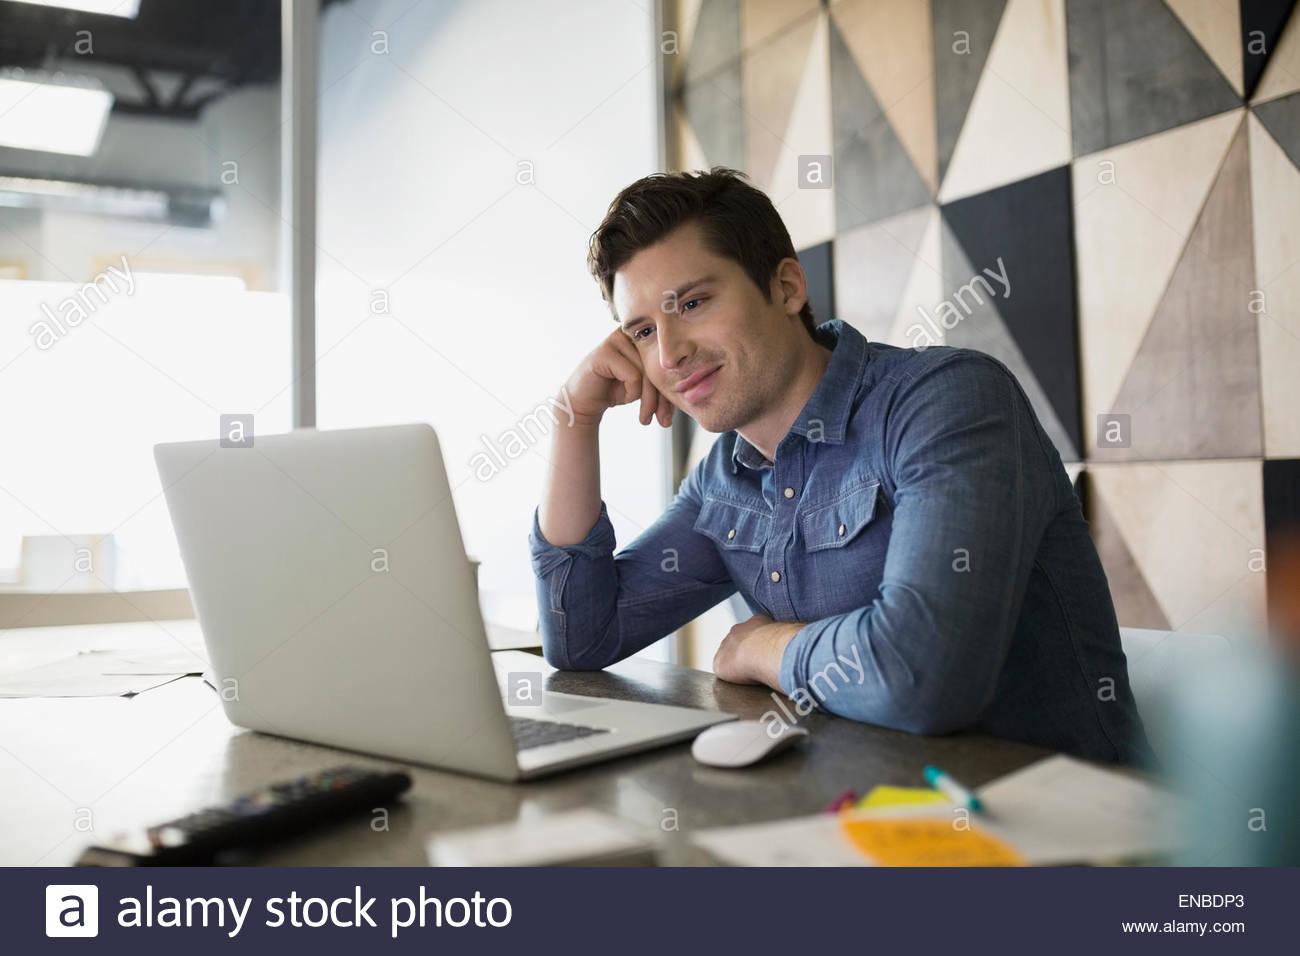 Lässige Geschäftsmann arbeiten am Laptop im Konferenzraum Stockbild